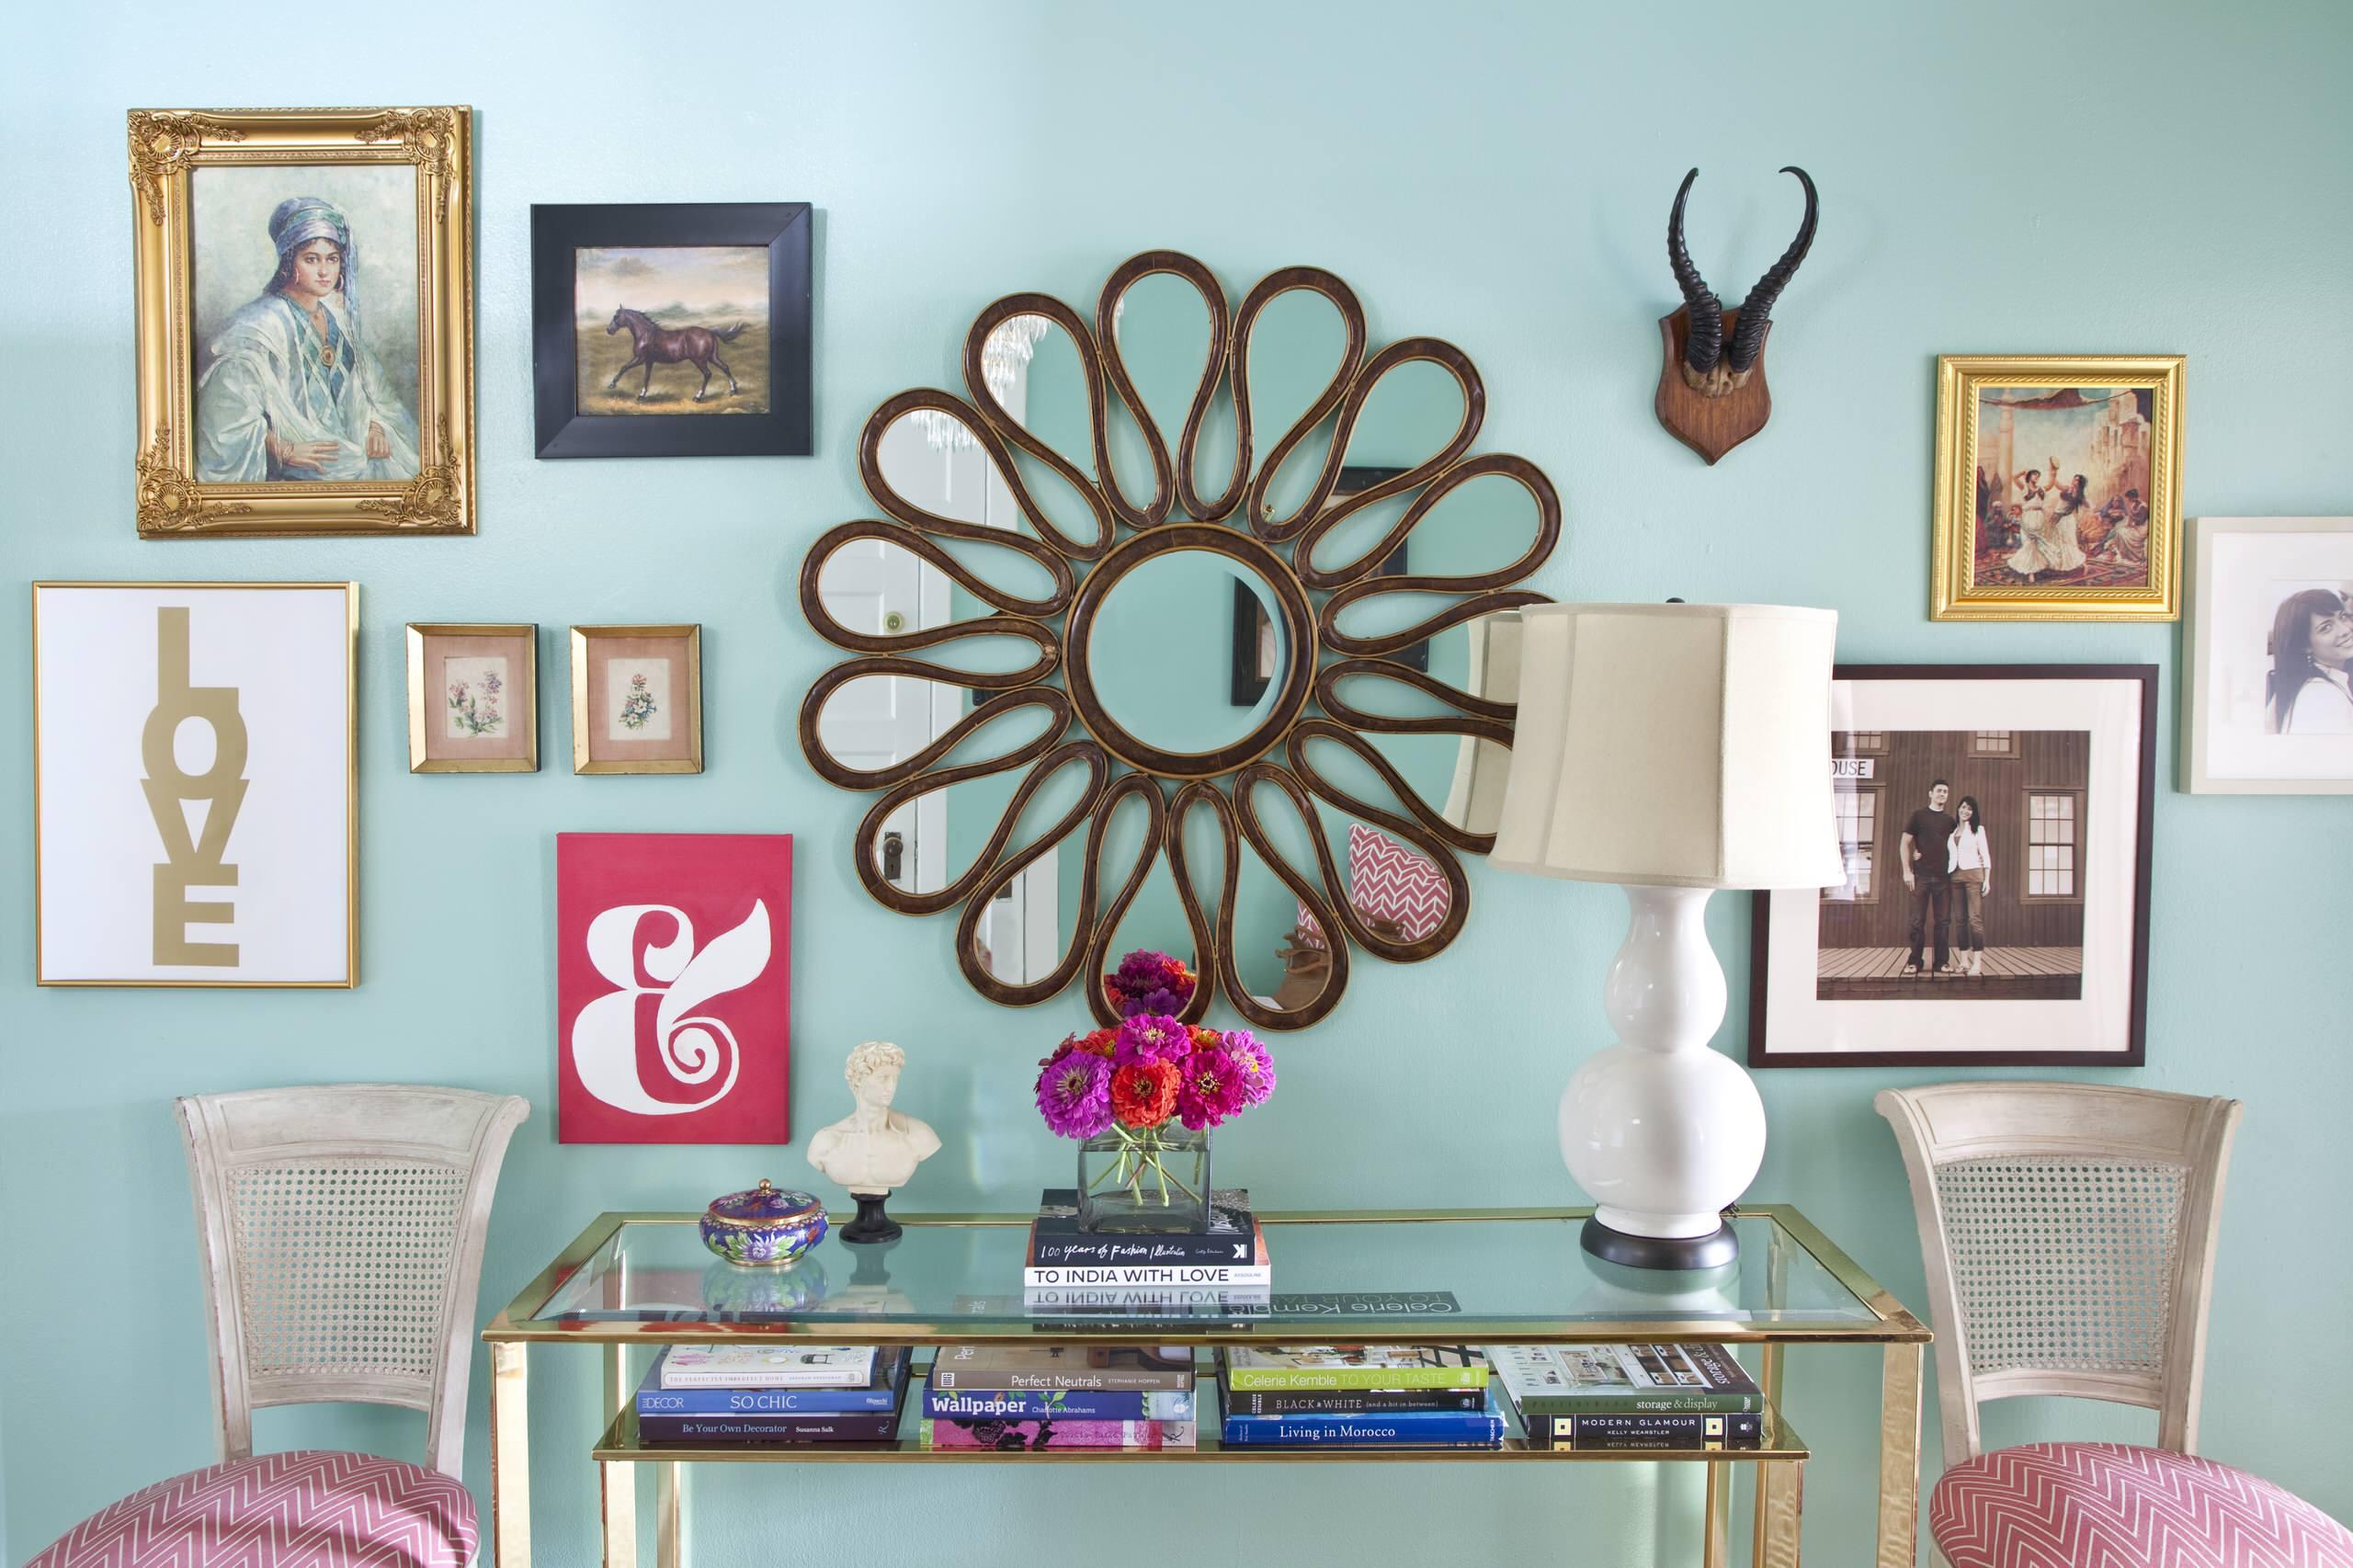 Яркий декор стены и удобный пристенный столик - лучшие украшения для гостеприимного дома